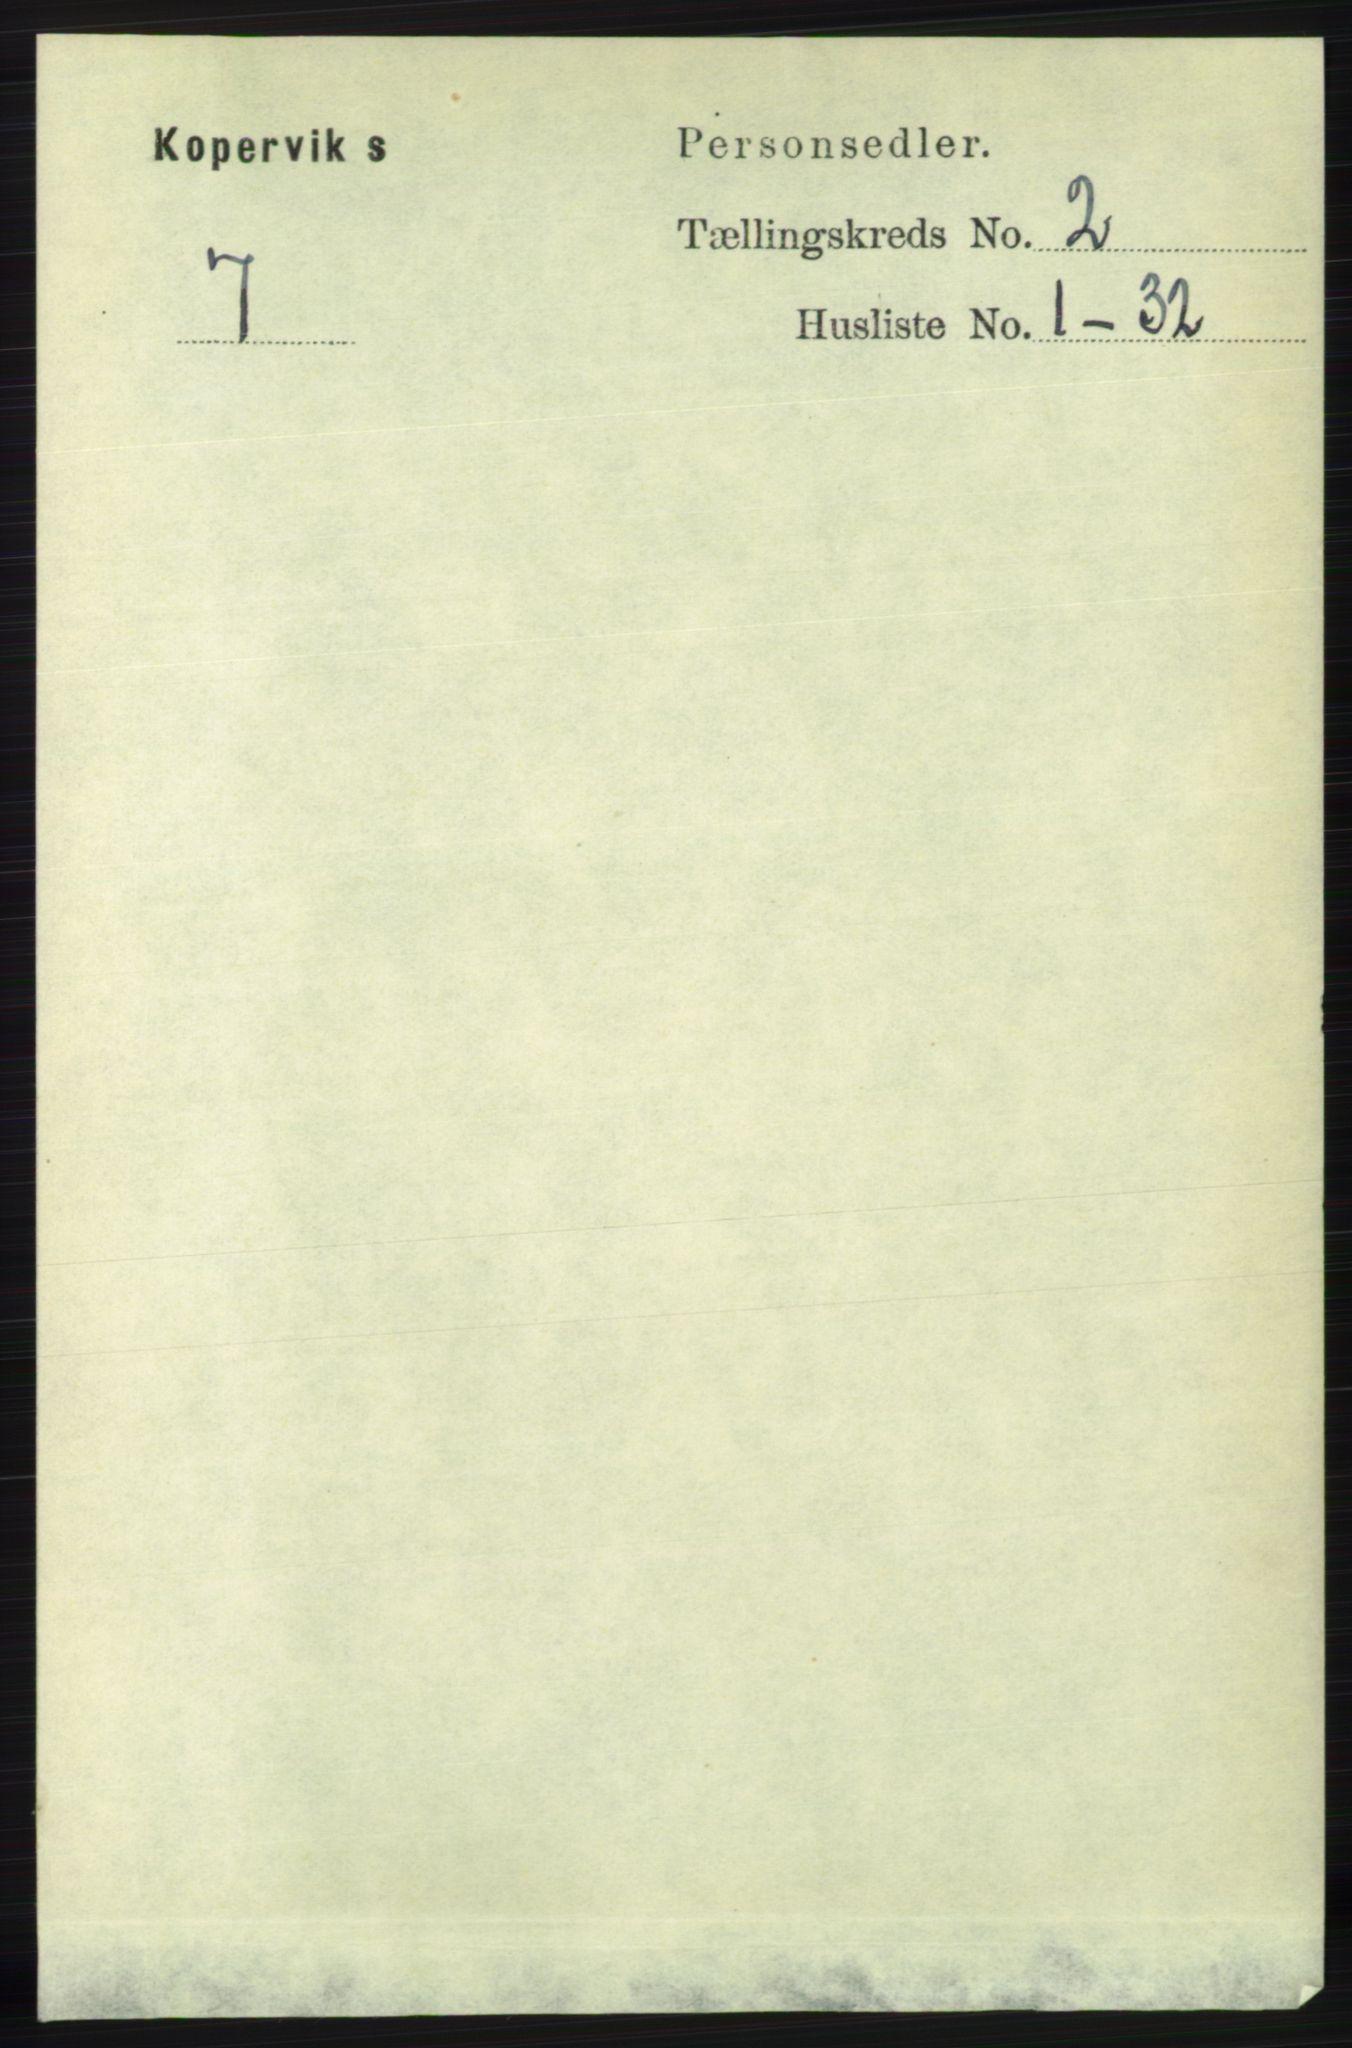 RA, Folketelling 1891 for 1147 Avaldsnes herred, 1891, s. 831